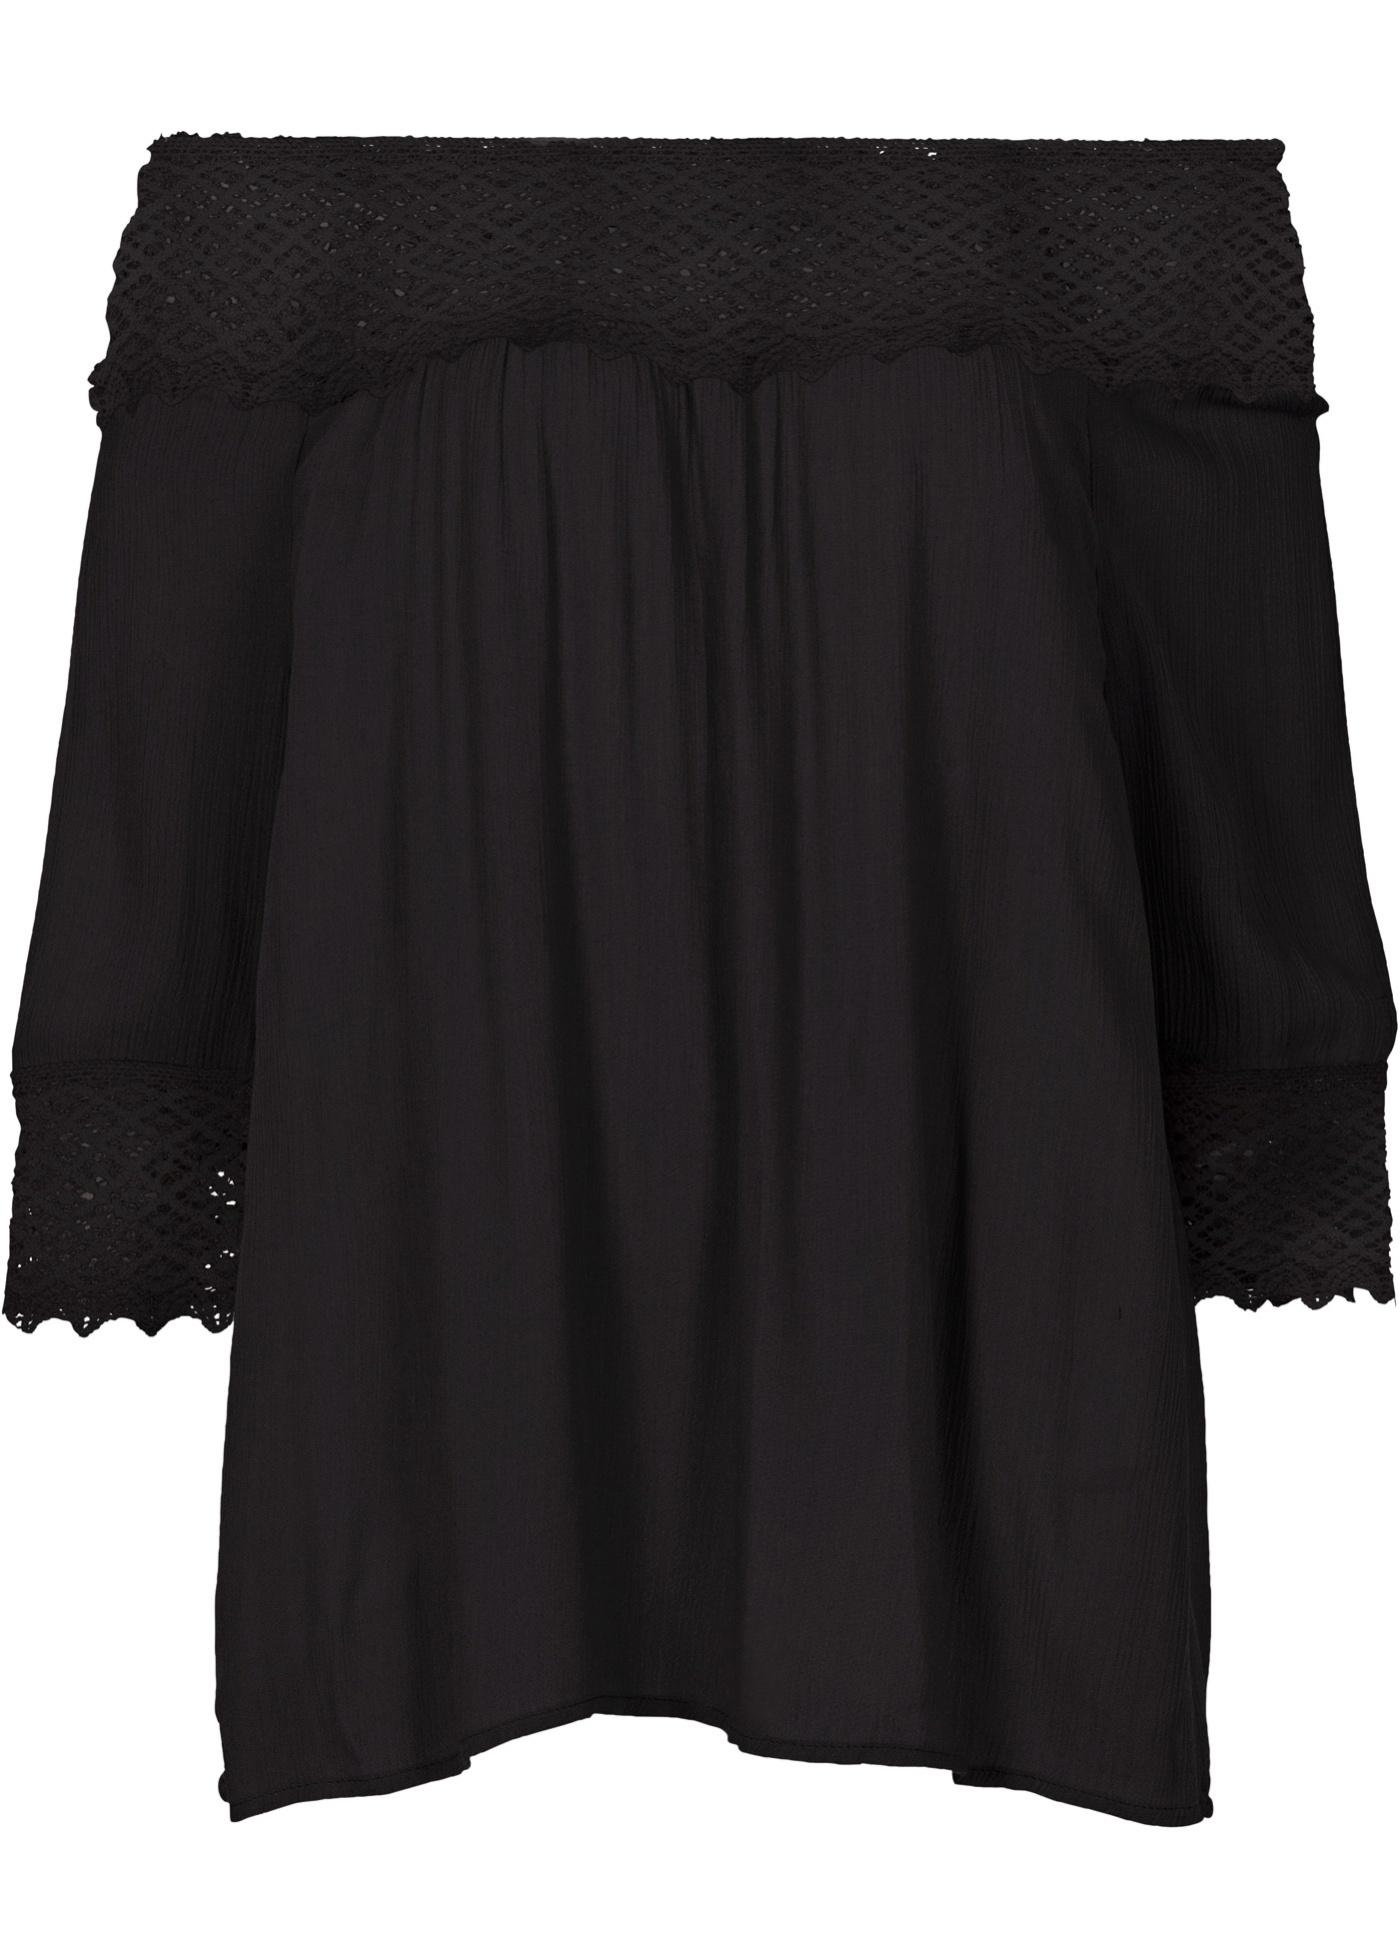 Blusa ombro a ombro com crochê preta manga 7 / 8 com decote cigana